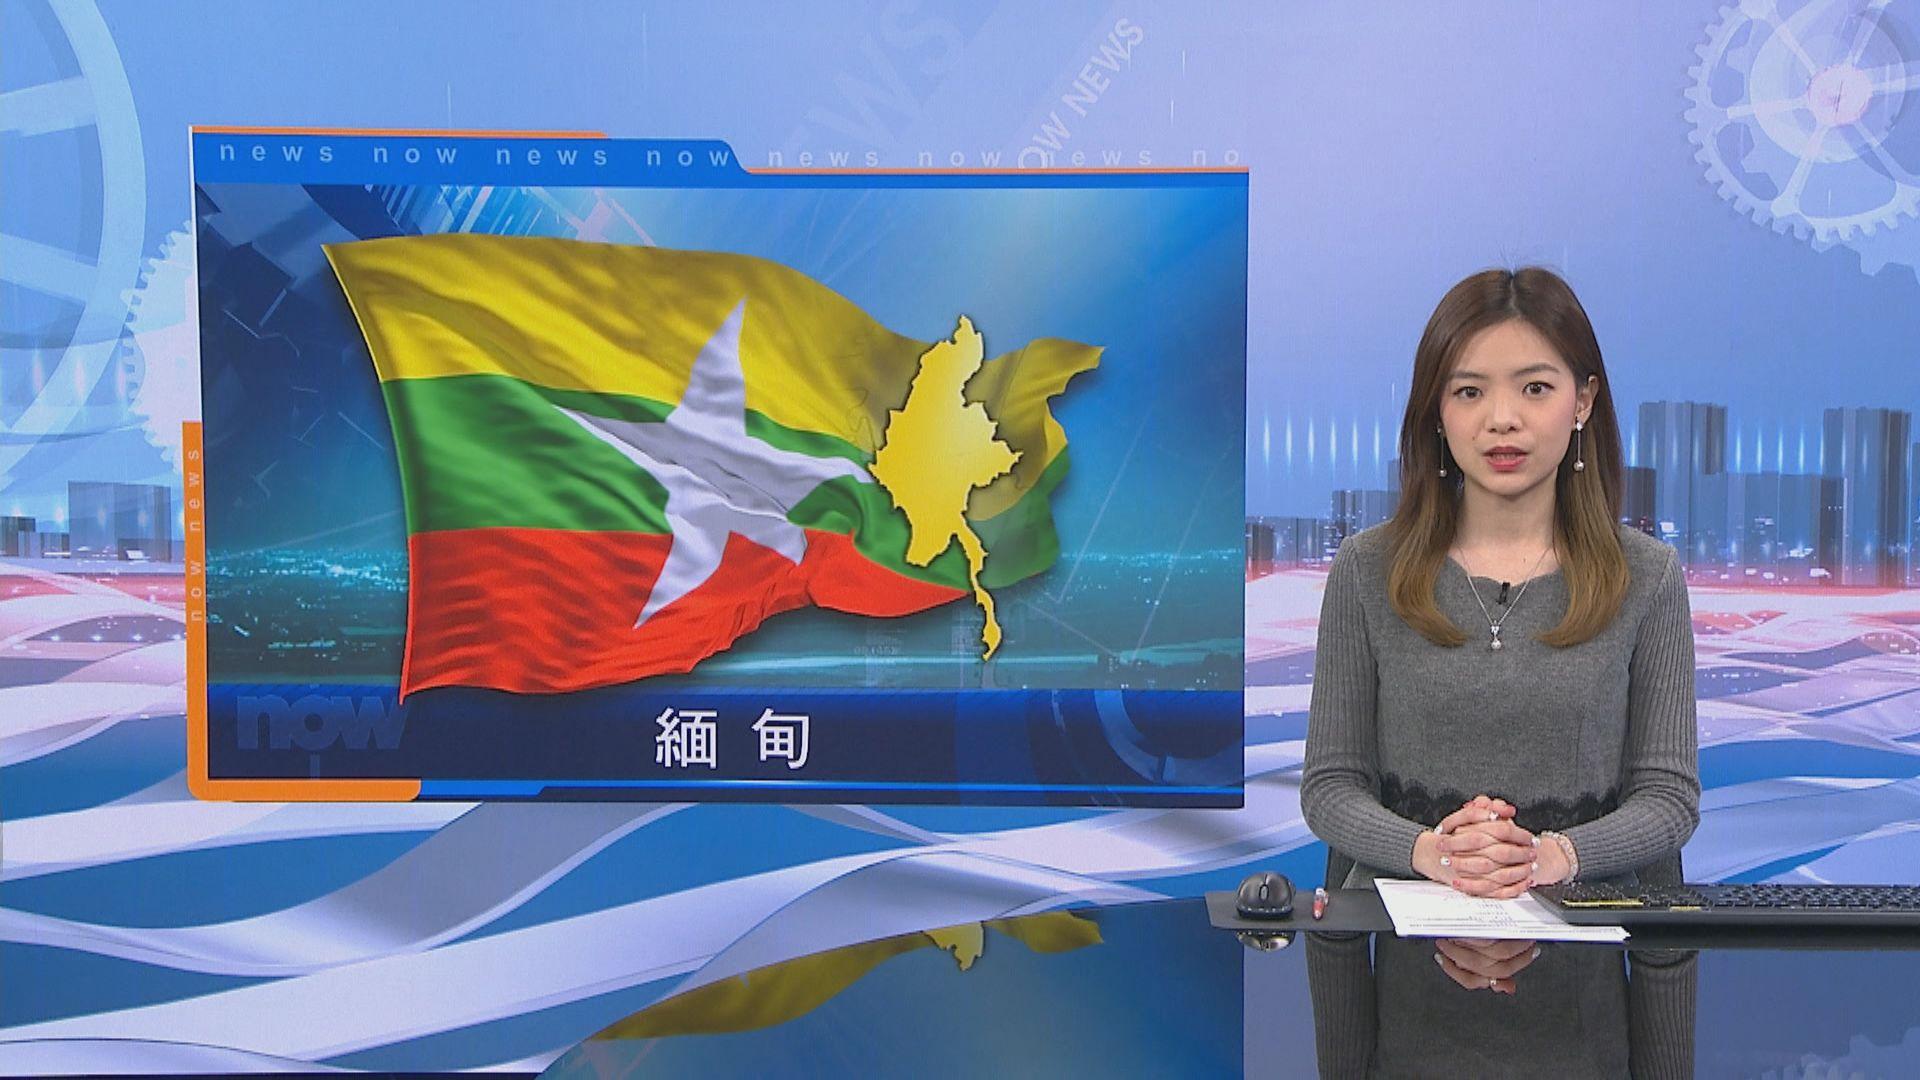 緬甸外長抵達泰國 與東盟國家會談尋求化解國內局勢